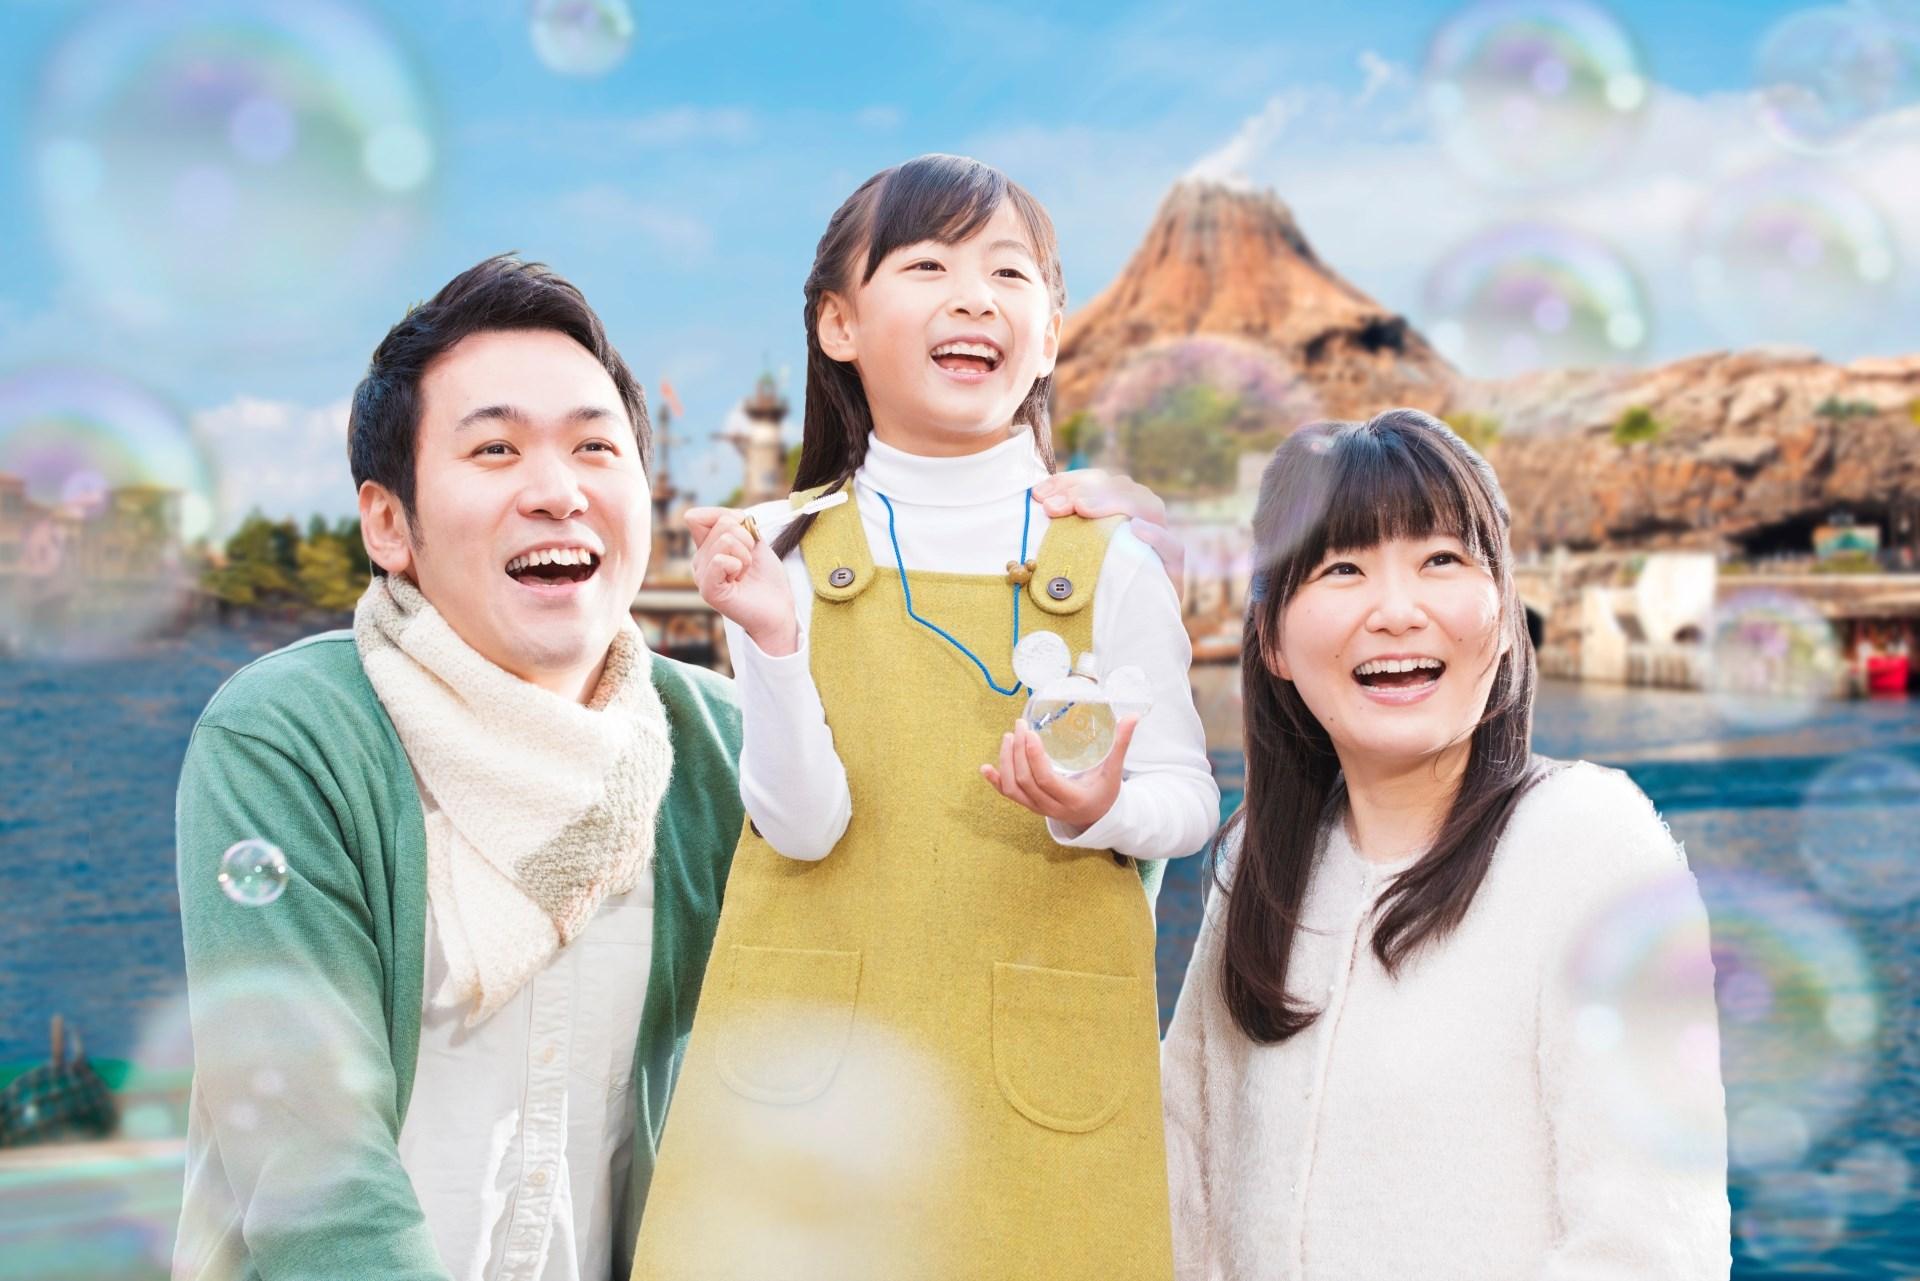 「東京ディズニーリゾート」に関する、おすすめの観光・お出かけスポットや最新のイベント情報を紹介しています。人気の定番スポットから穴場情報までまとめましたので、楽しい週末や休日を過ごすための参考にしてくださいね。